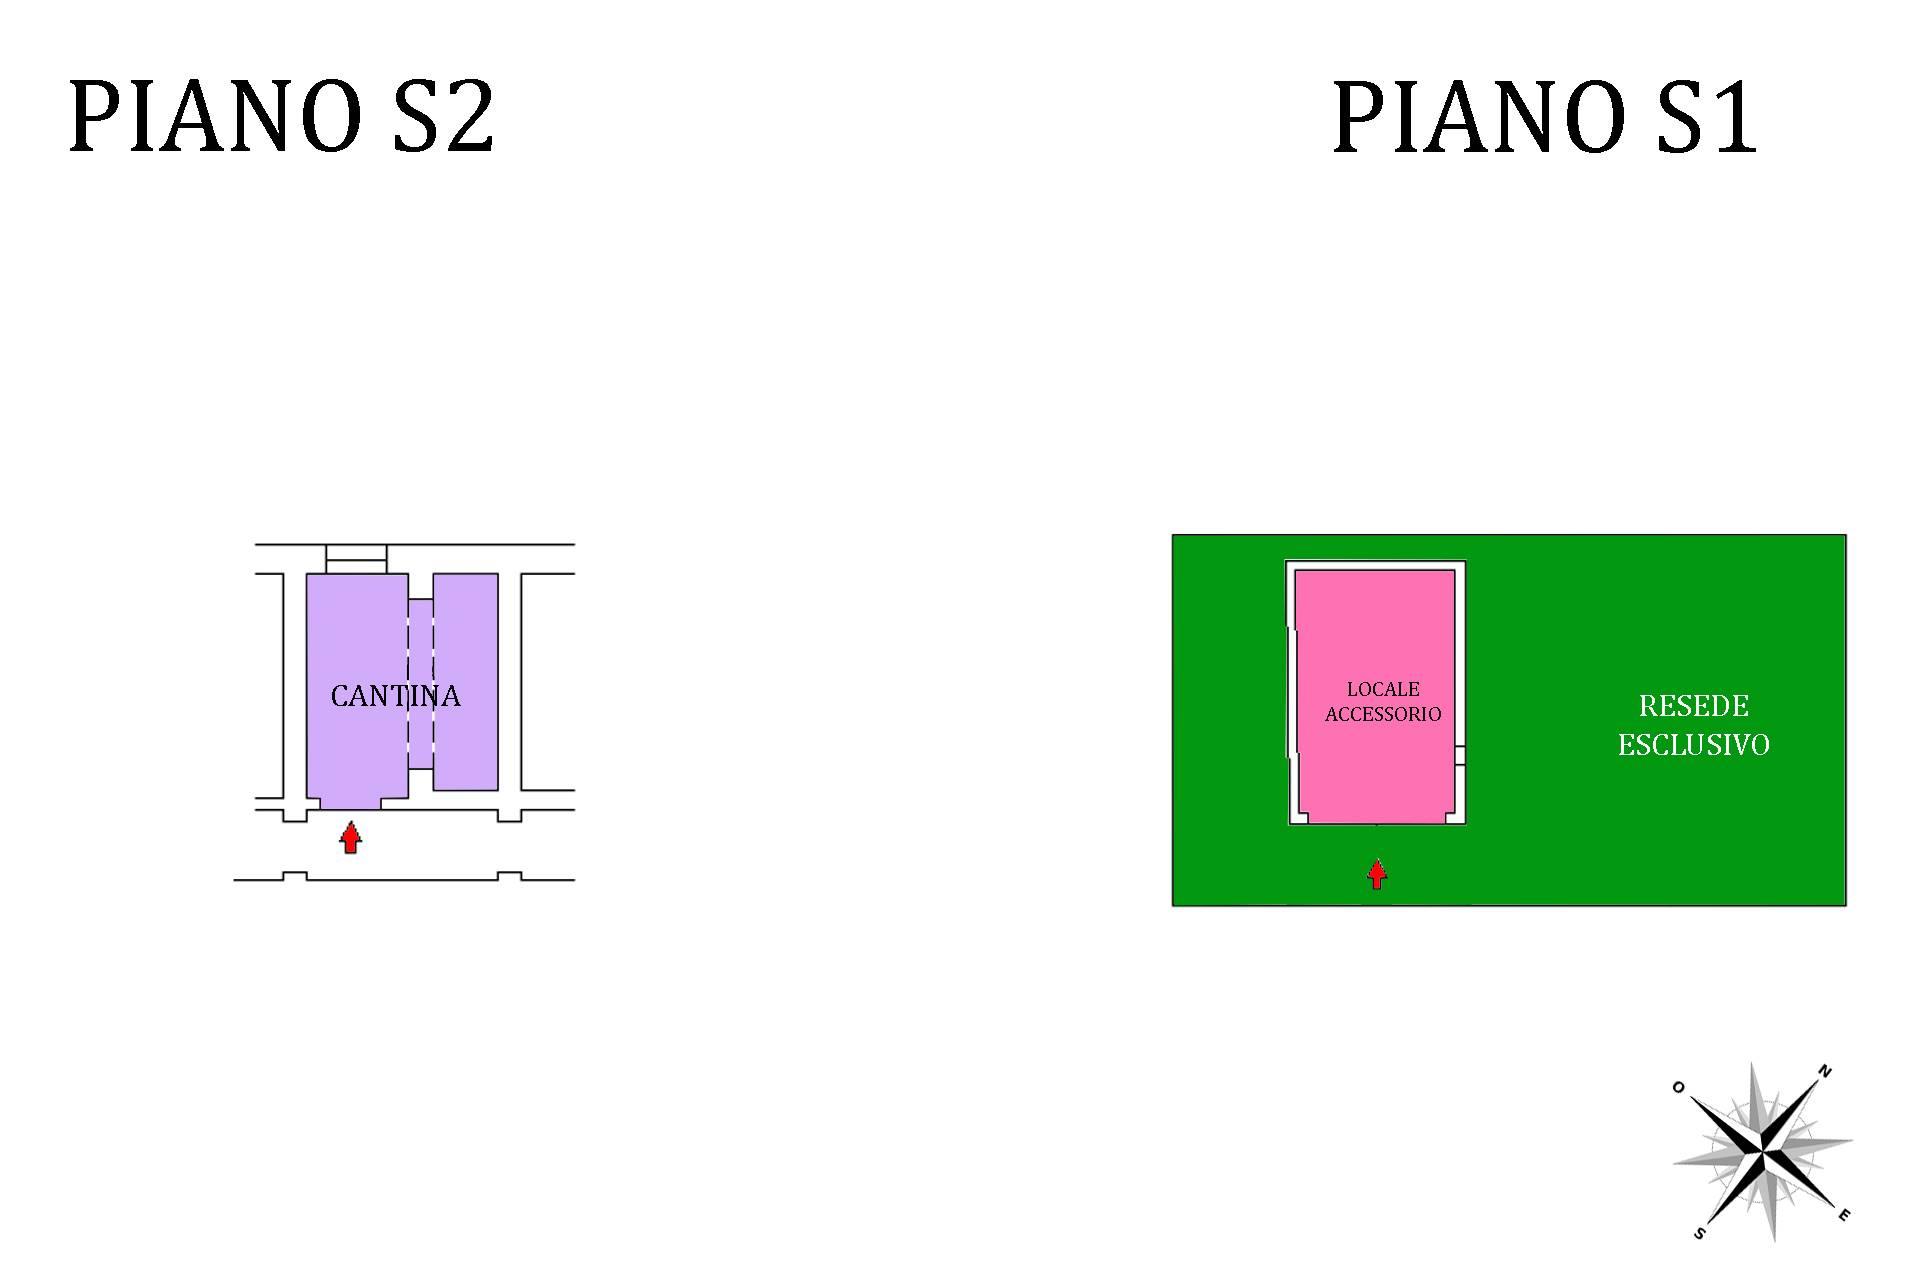 Planimetria cantina e resede